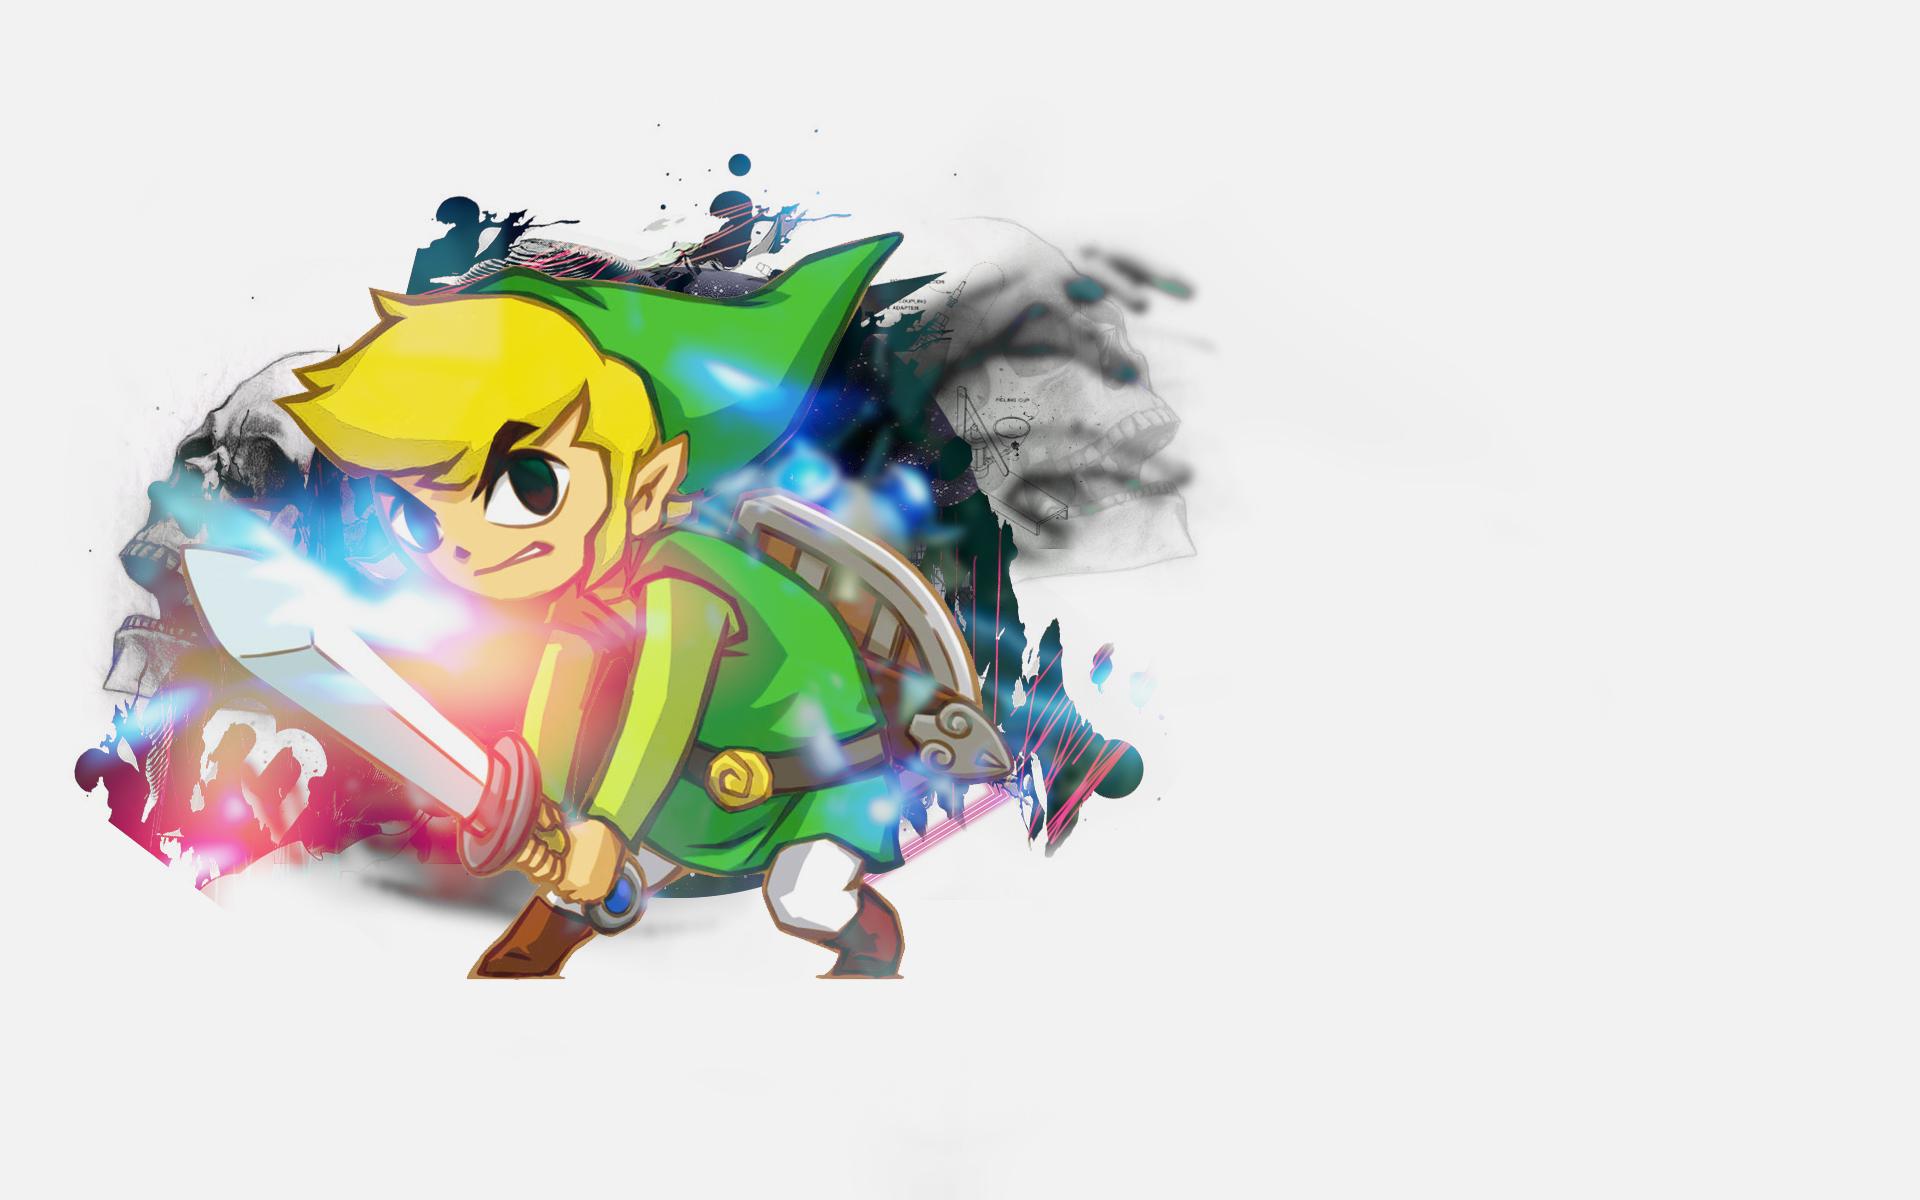 Of Zelda Nintendo Studio Game Toon Link Character 604890 19201200 1920x1200